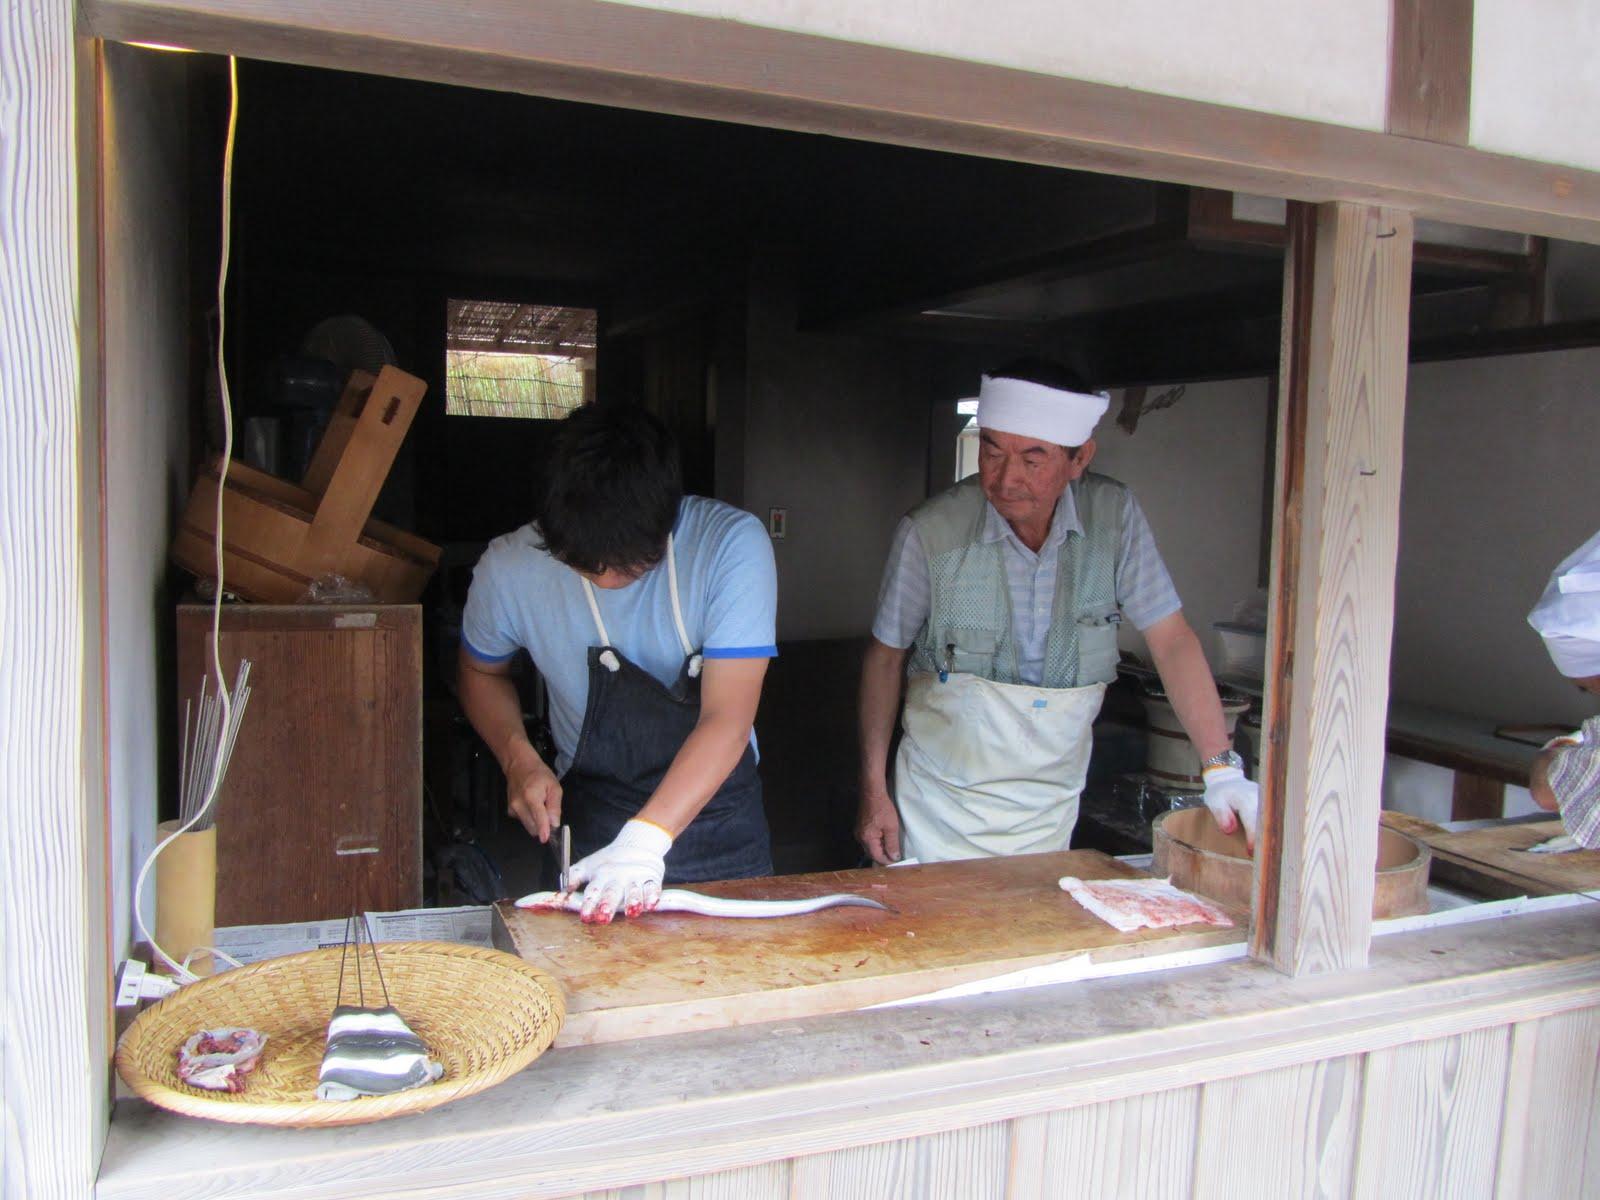 unagi chef